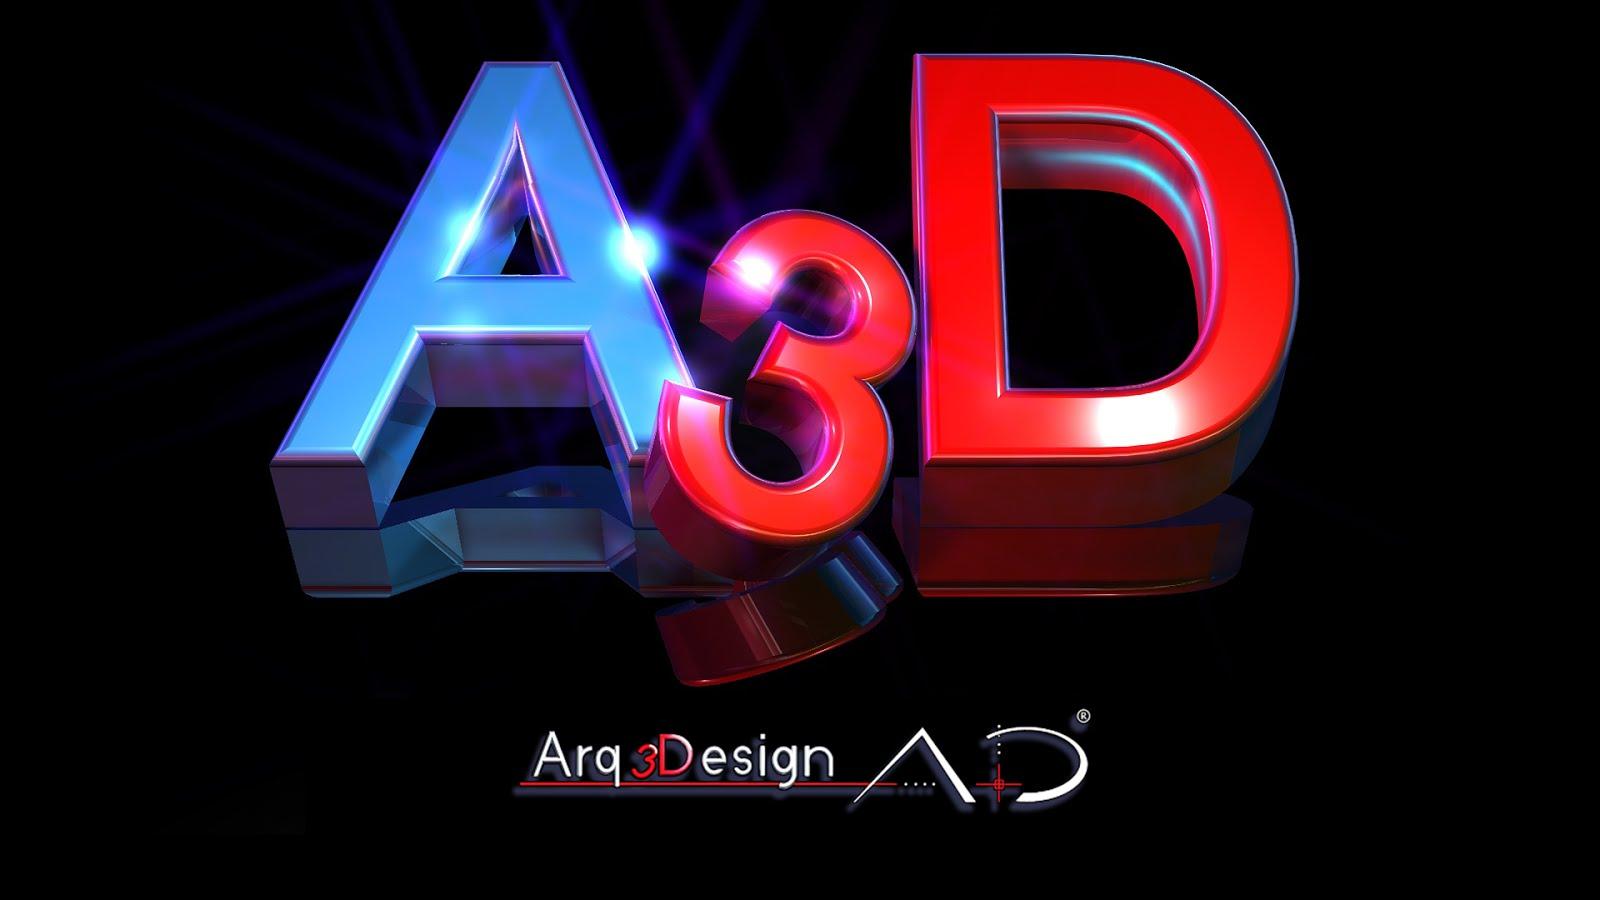 Diseño Salamanca A3D Arq3Design